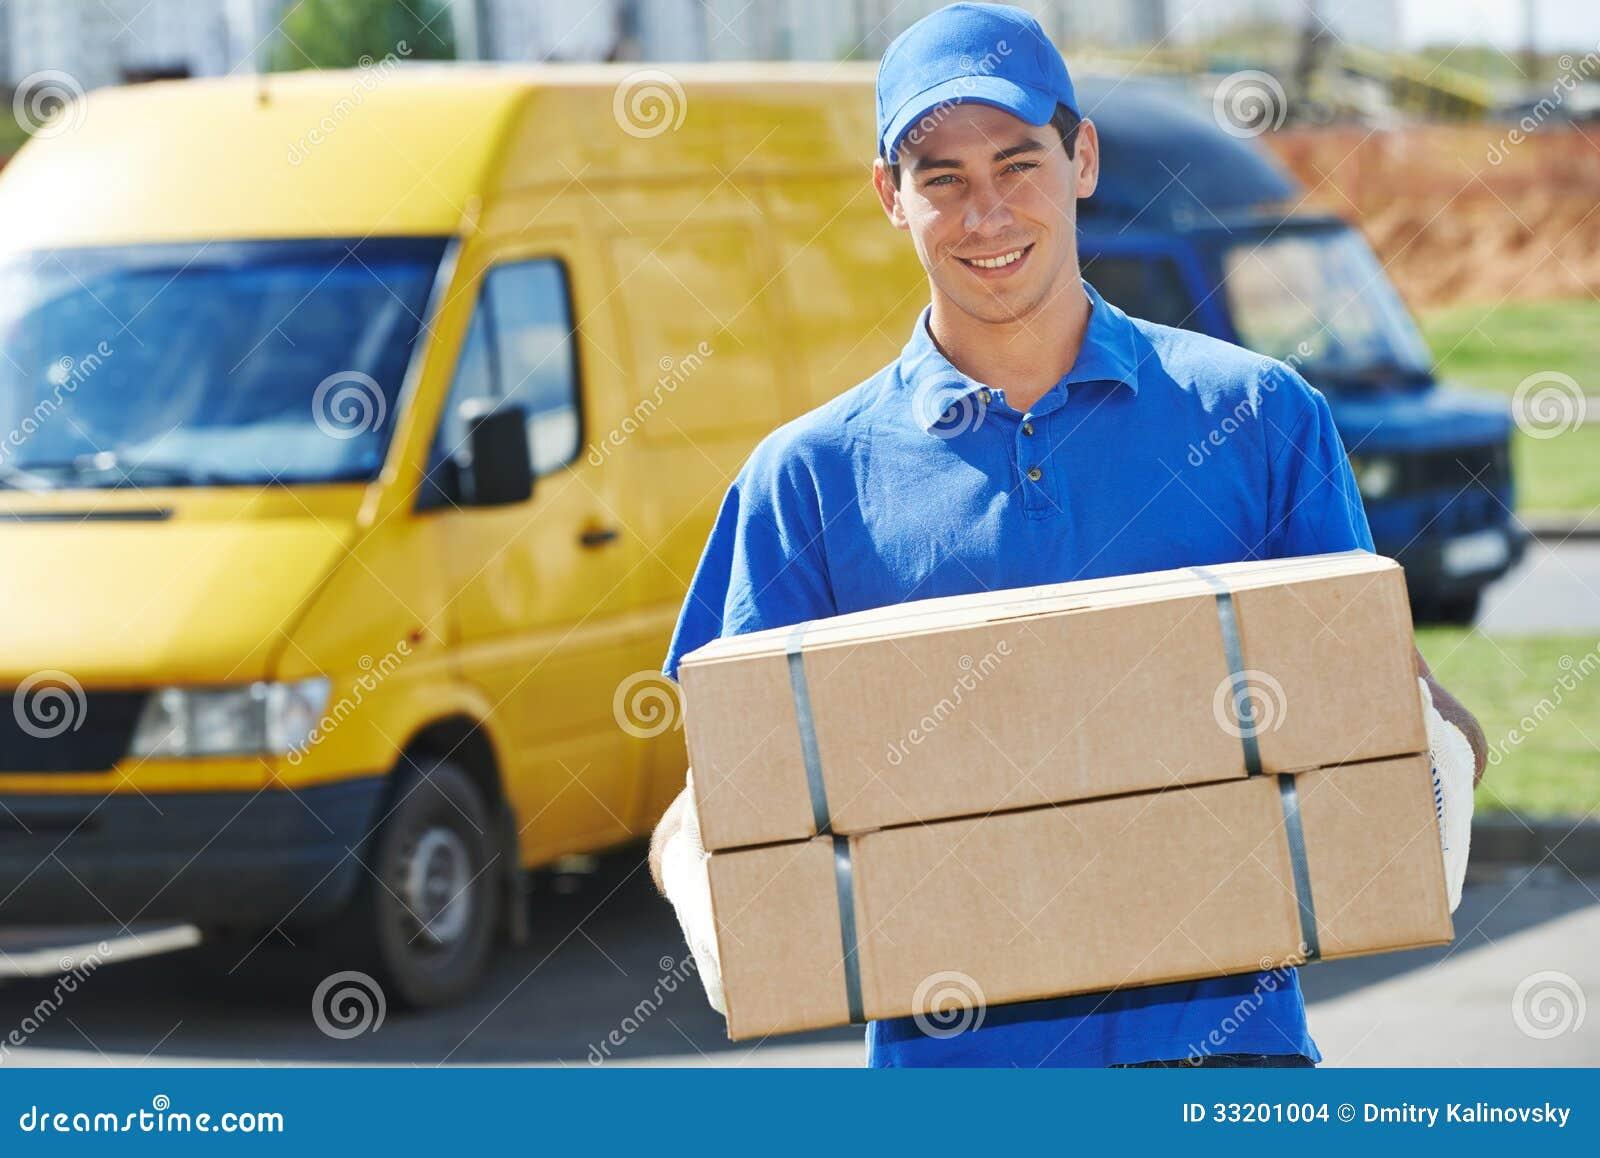 U.S. Postal Service Corporate Office